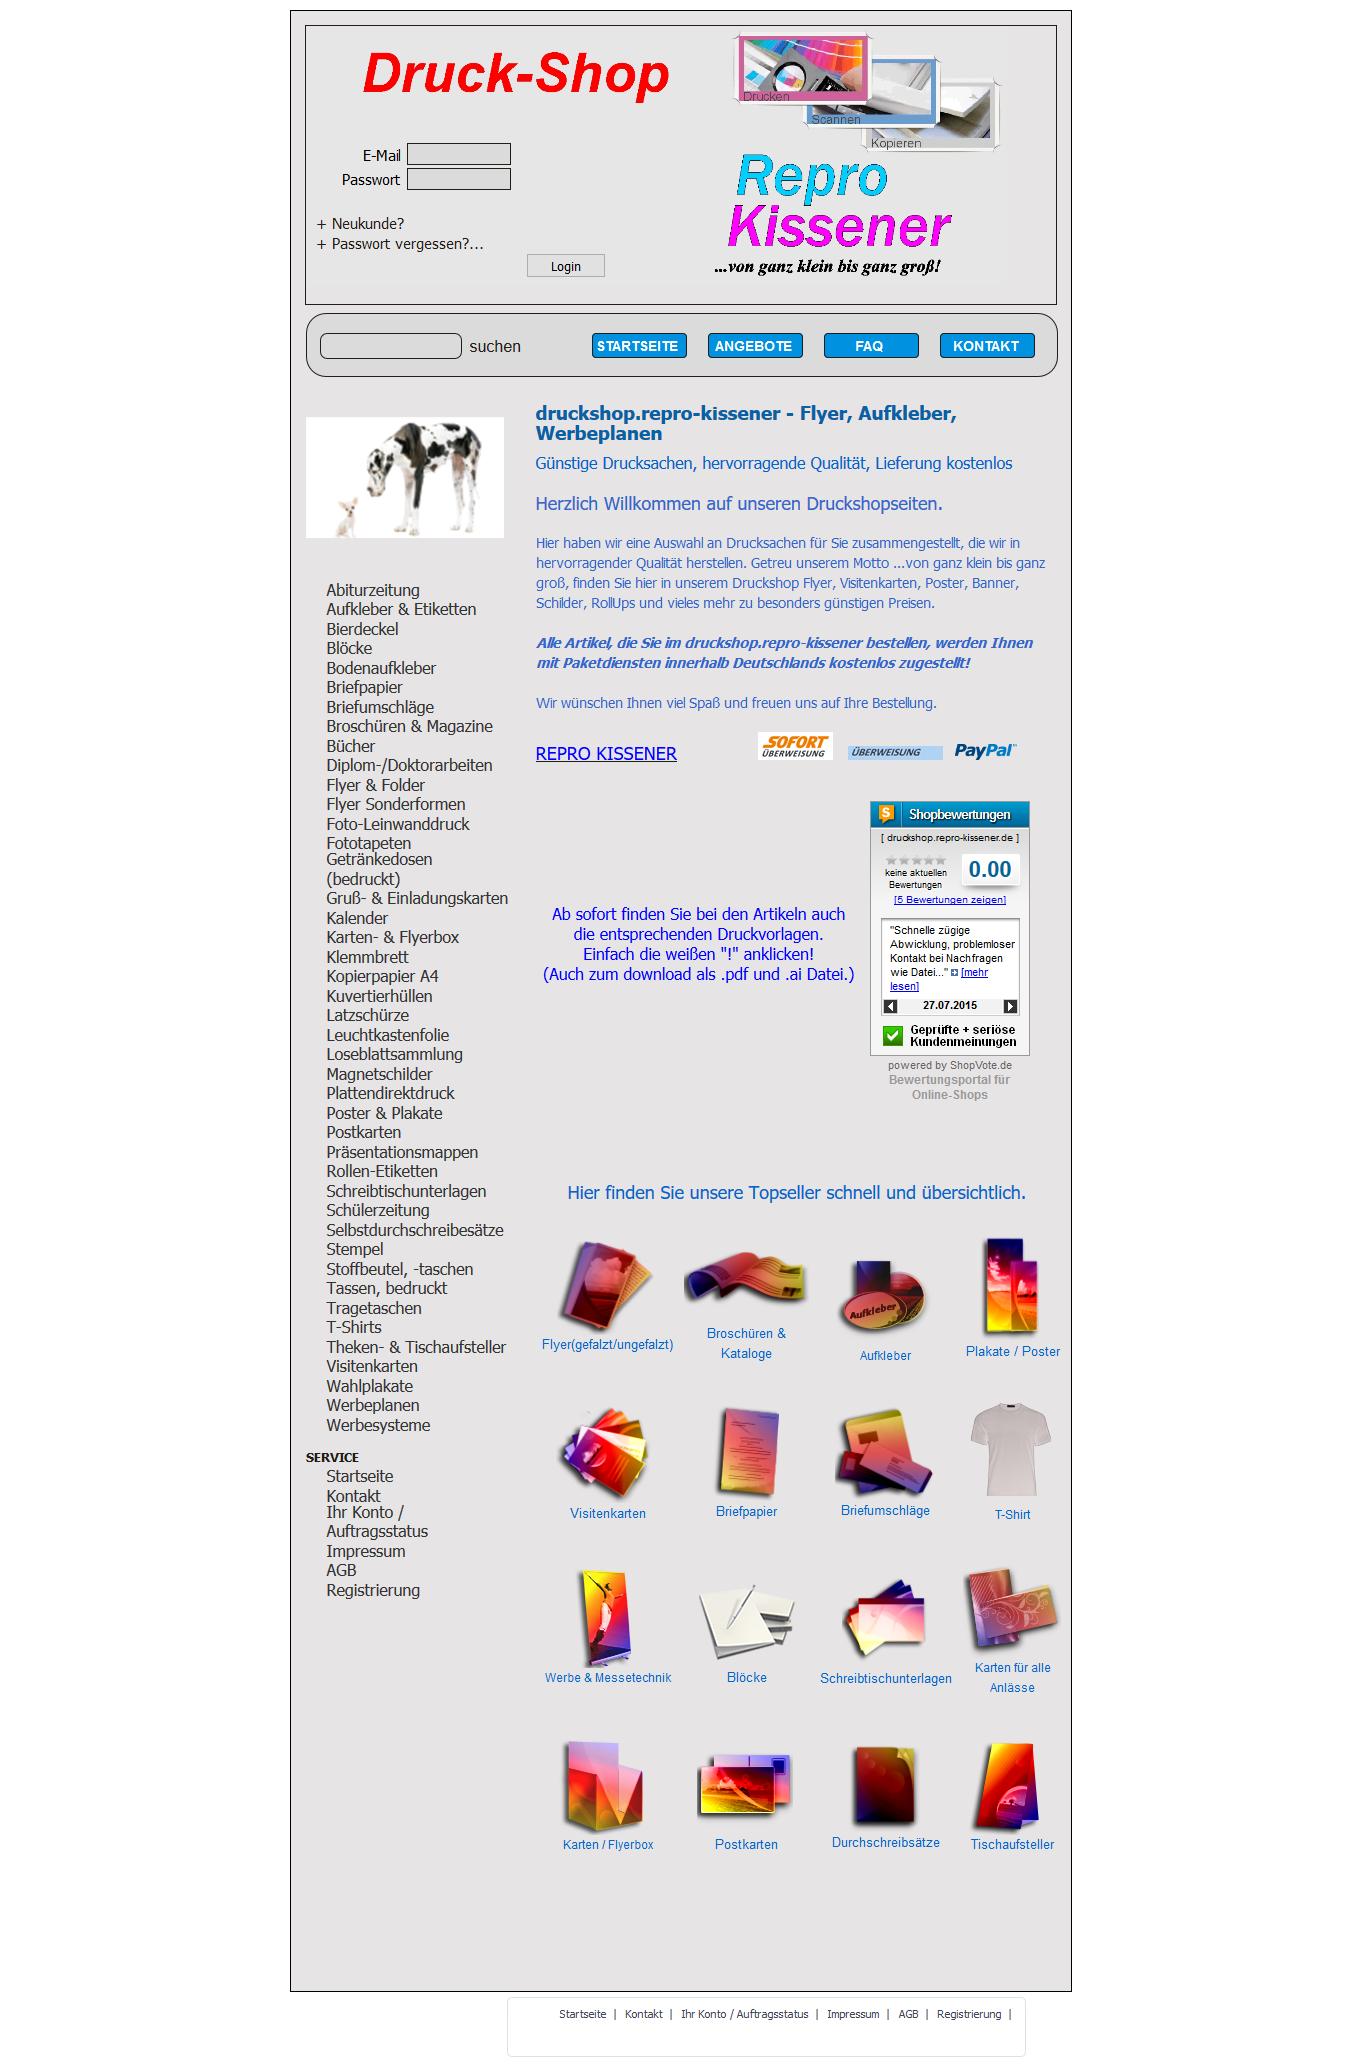 FireShot Screen Capture #035 - 'druckshop_repro-kissener - Flyer, Aufkleber, Werbeplanen' - www_druckshop_repro-kissener_de